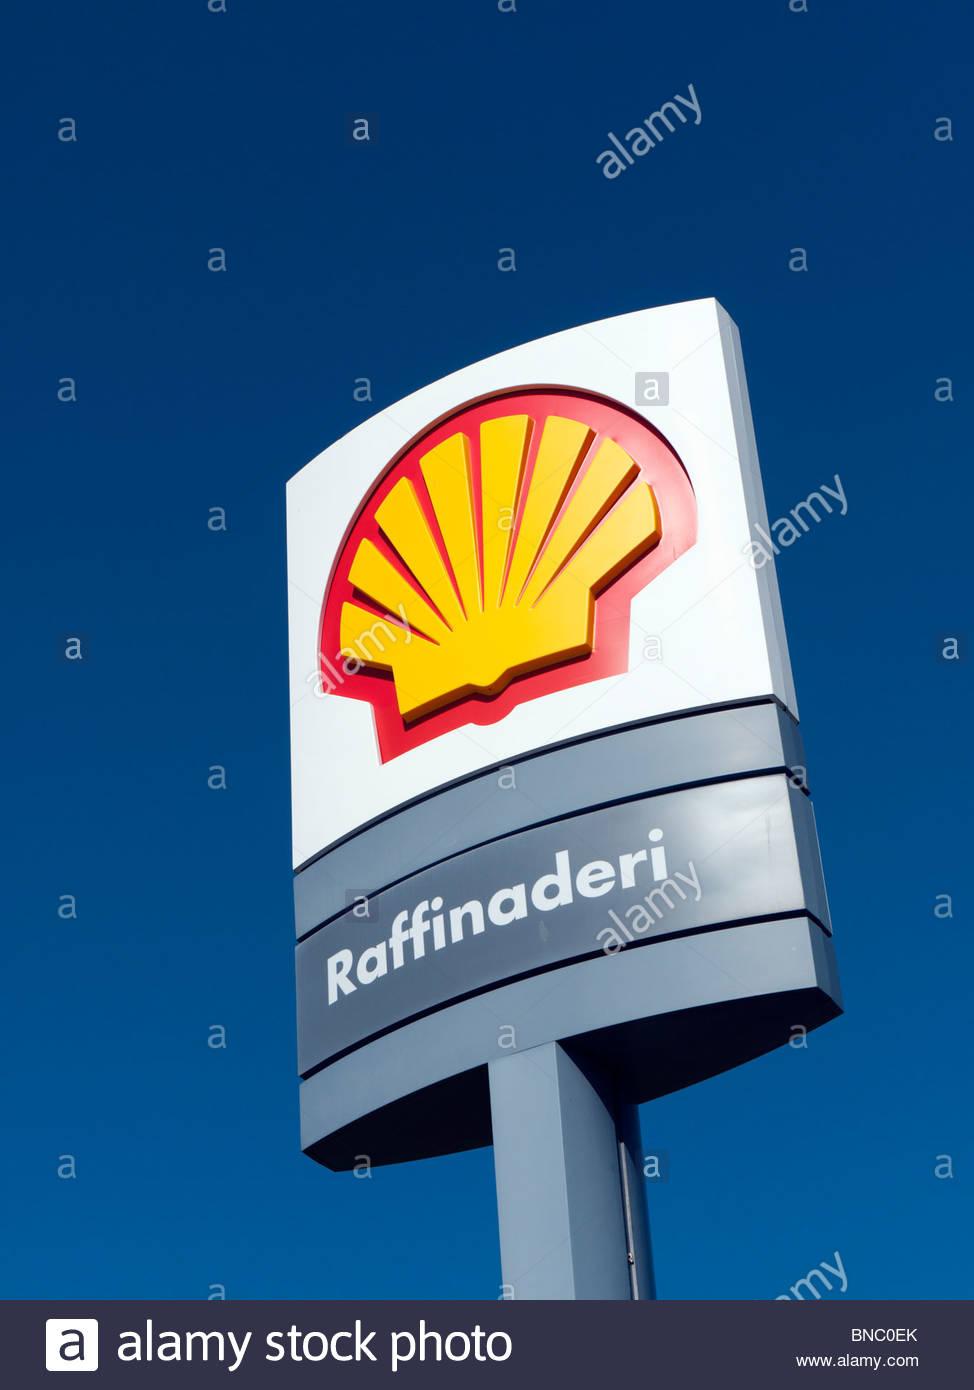 Detail des Zeichens bei Royal Dutch Shell Öl-Raffinerie in Göteborg Schweden Stockbild